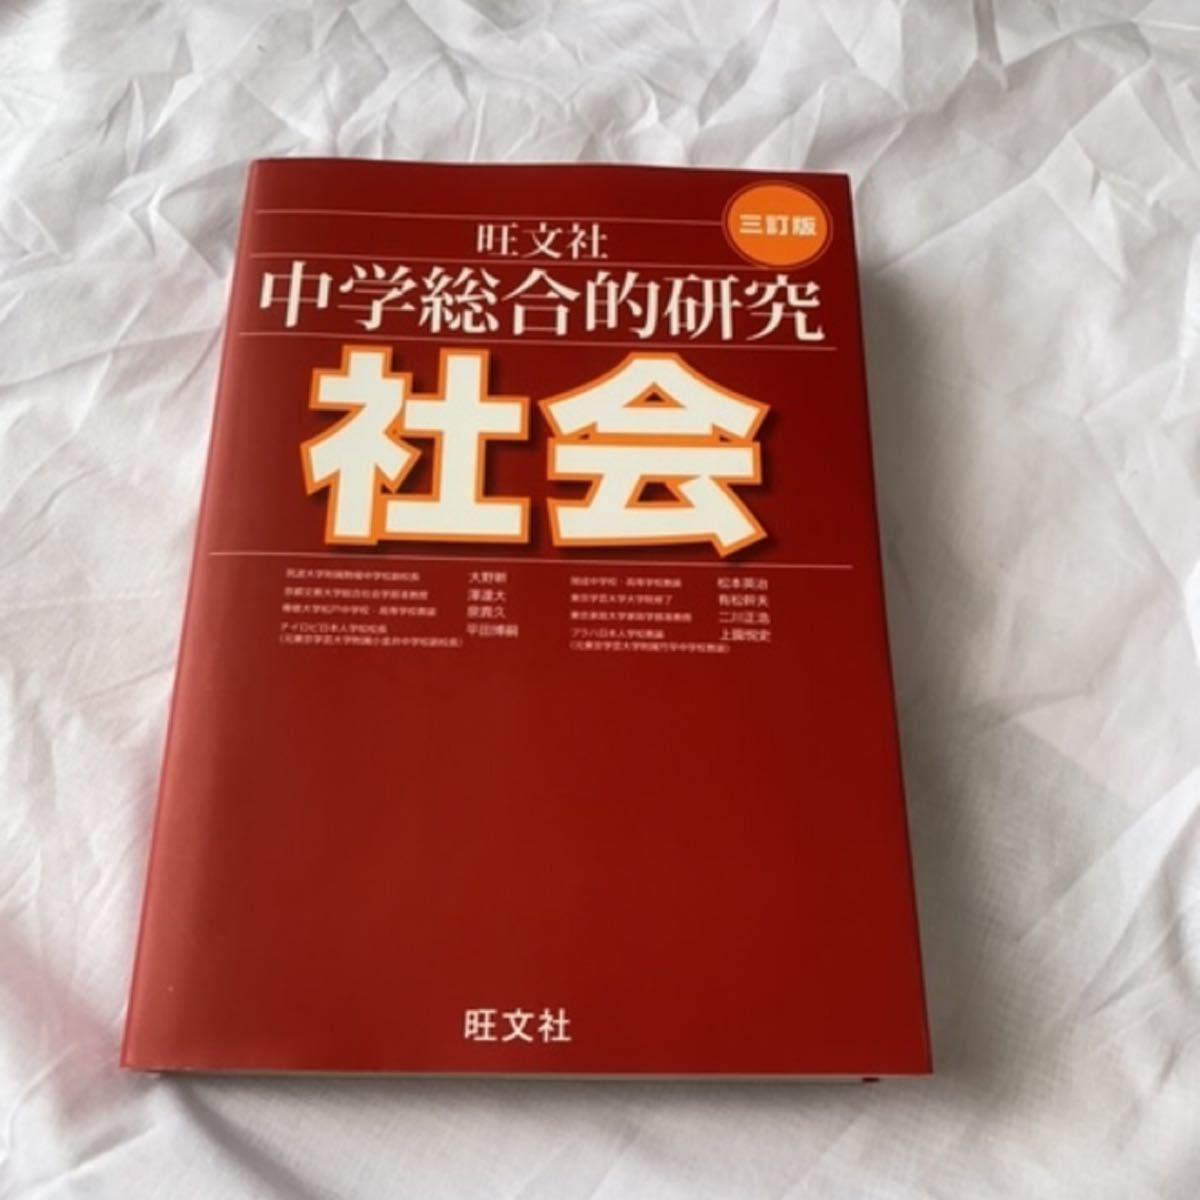 中学総合的研究社会/大野新/澤達大/泉貴久